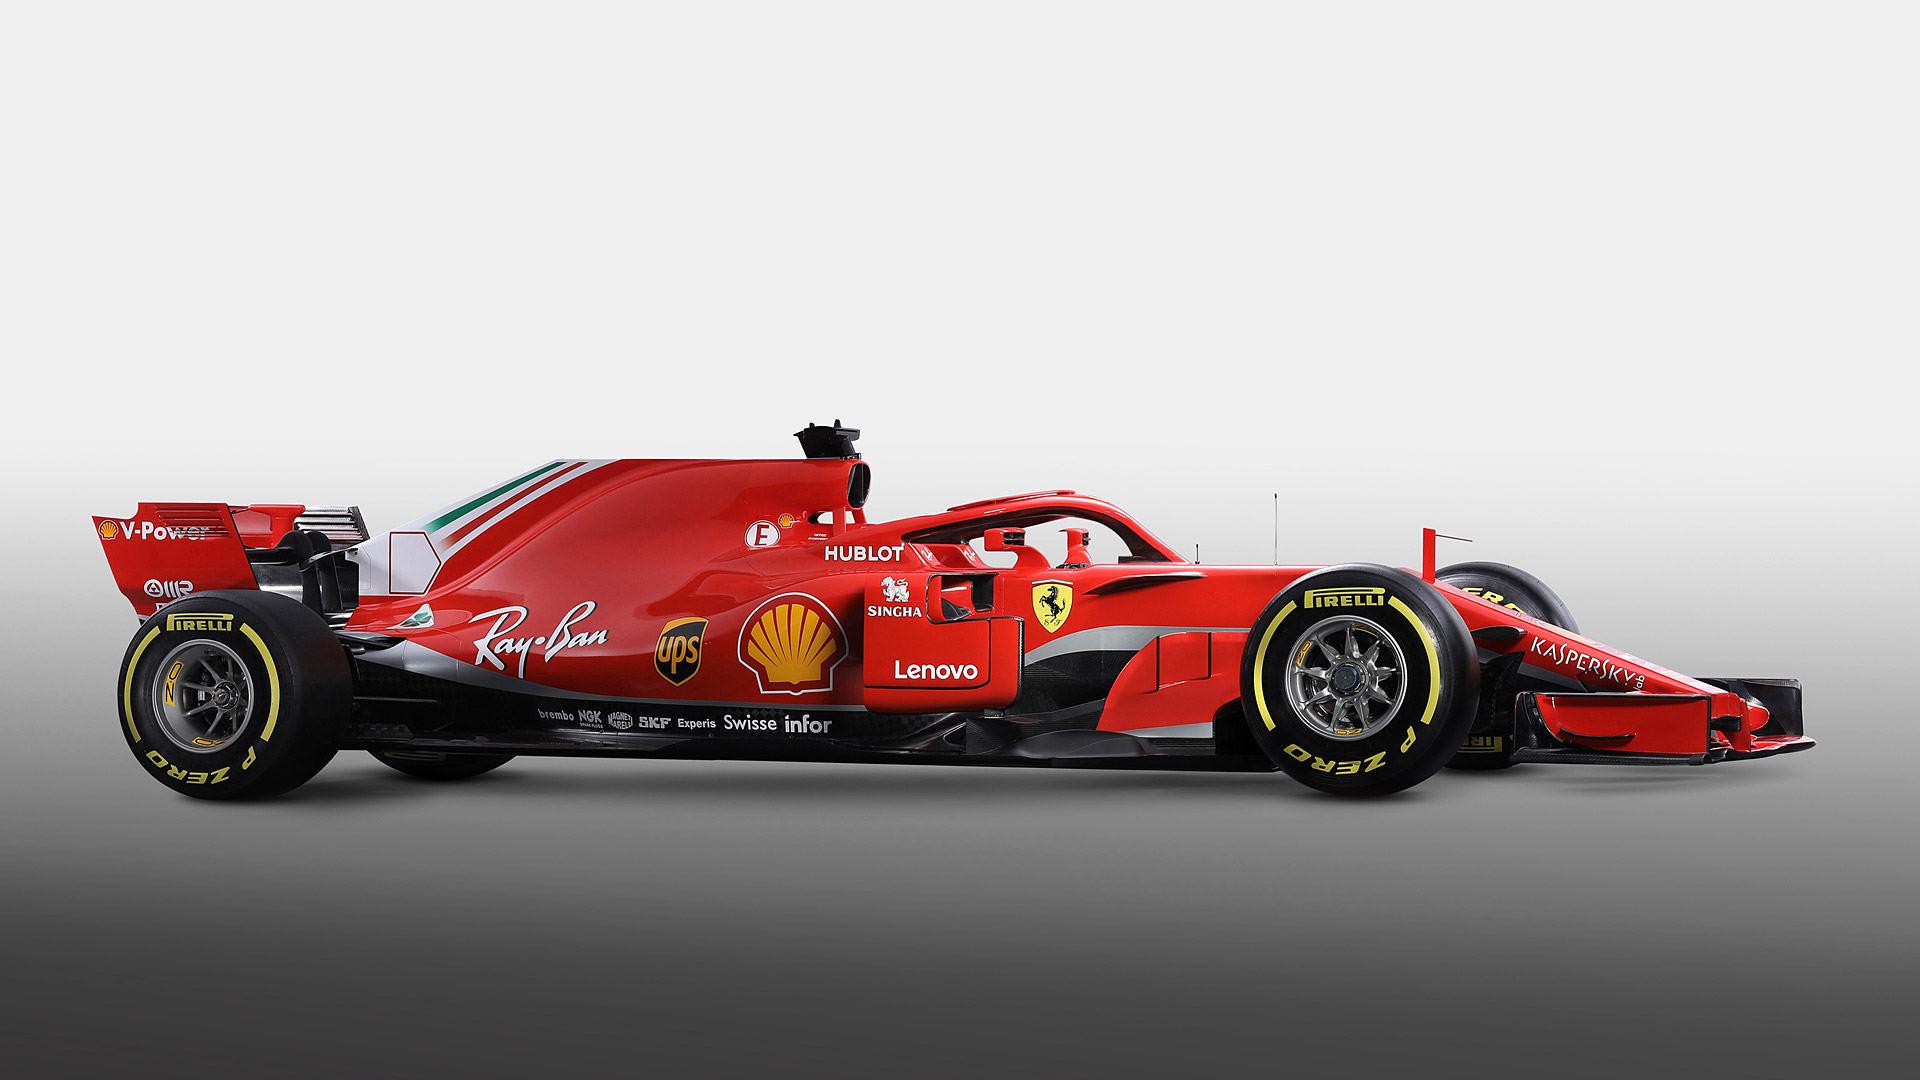 2018 Ferrari SF71H